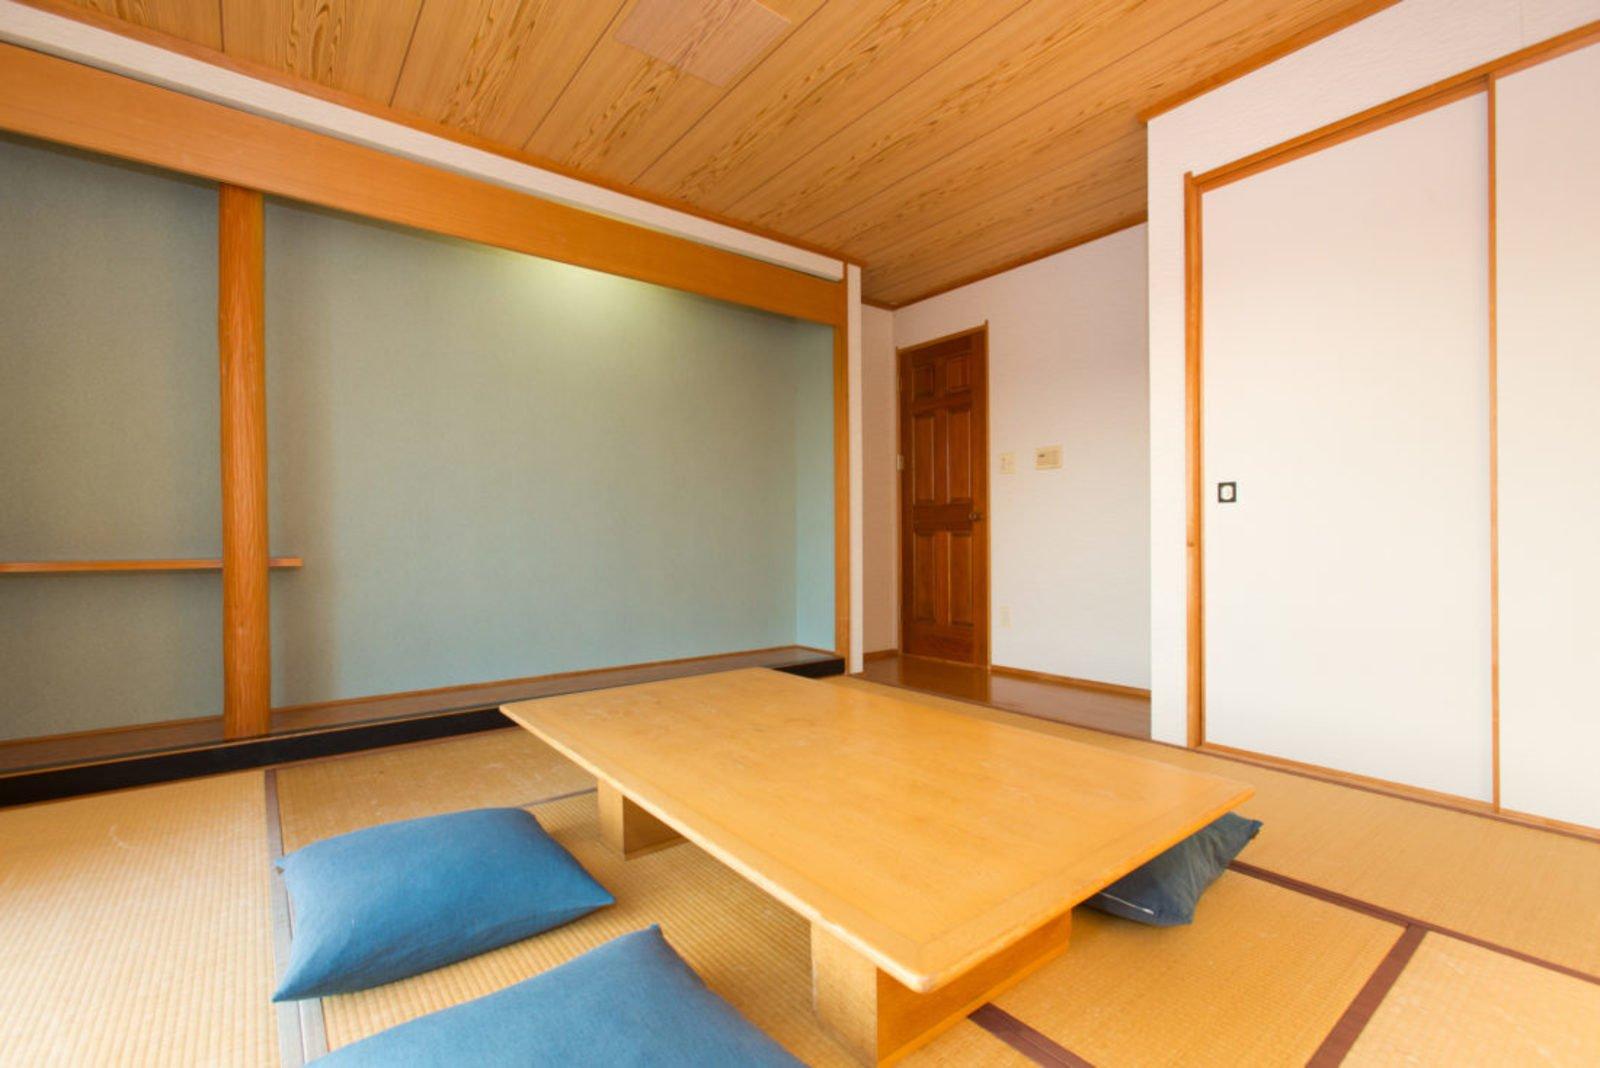 Heritage tatami room large